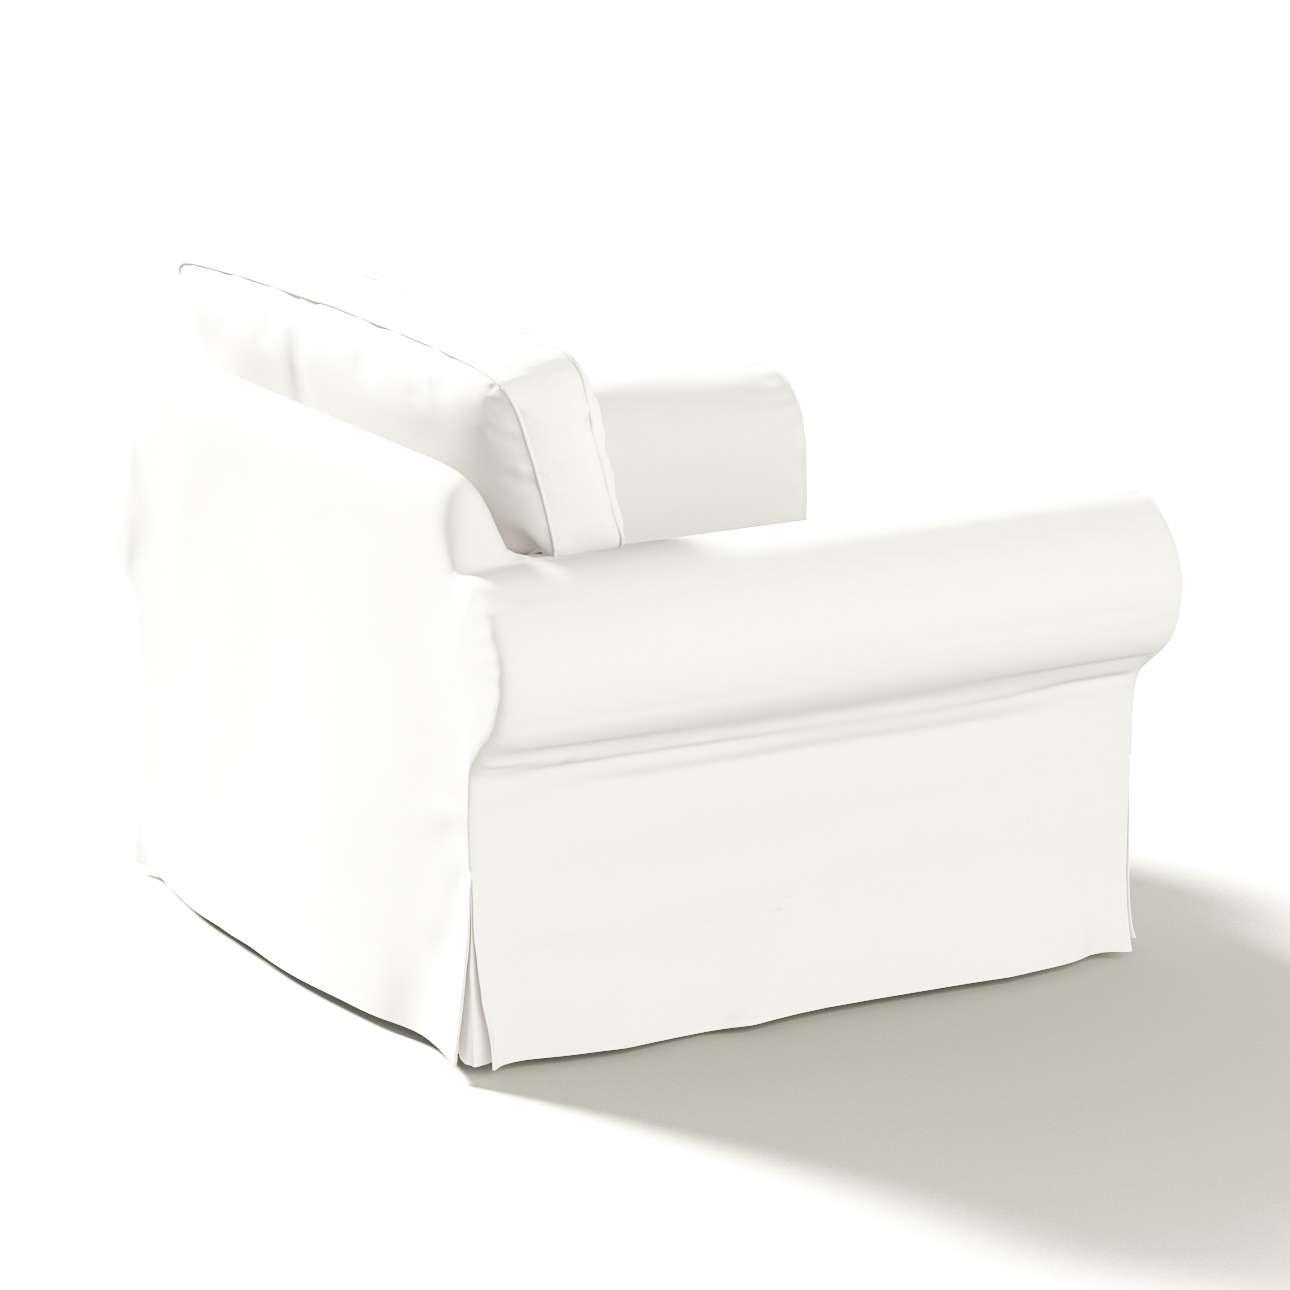 EKTORP fotelio užvalkalas Ektorp fotelio užvalkalas kolekcijoje Cotton Panama, audinys: 702-34